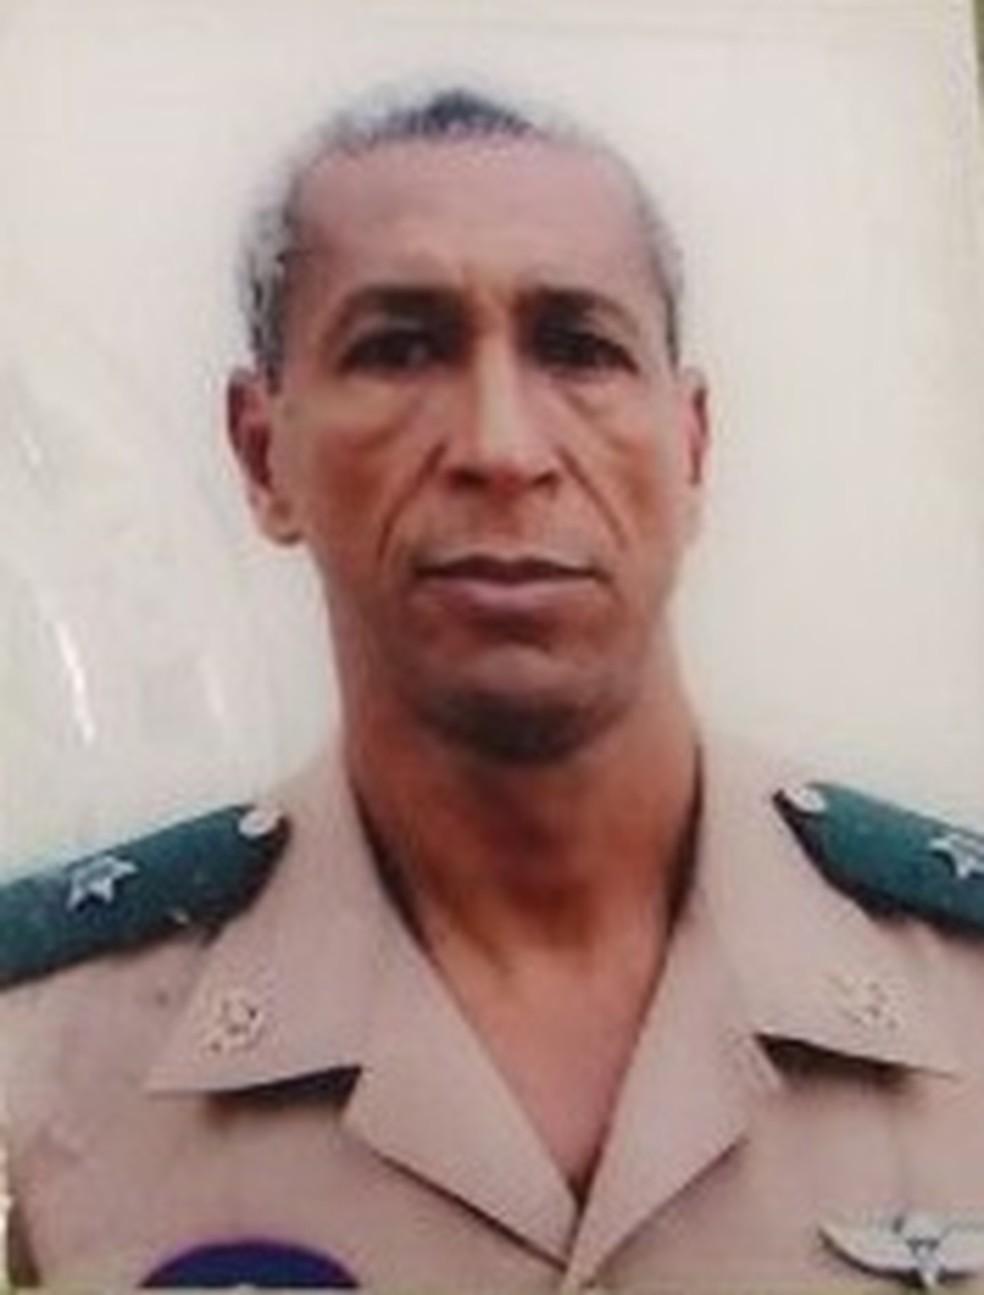 Tenente do Exército Ezenilton Mudesto Silva, que foi assassinado na BR 101, altura de São Gonçalo — Foto: Reprodução